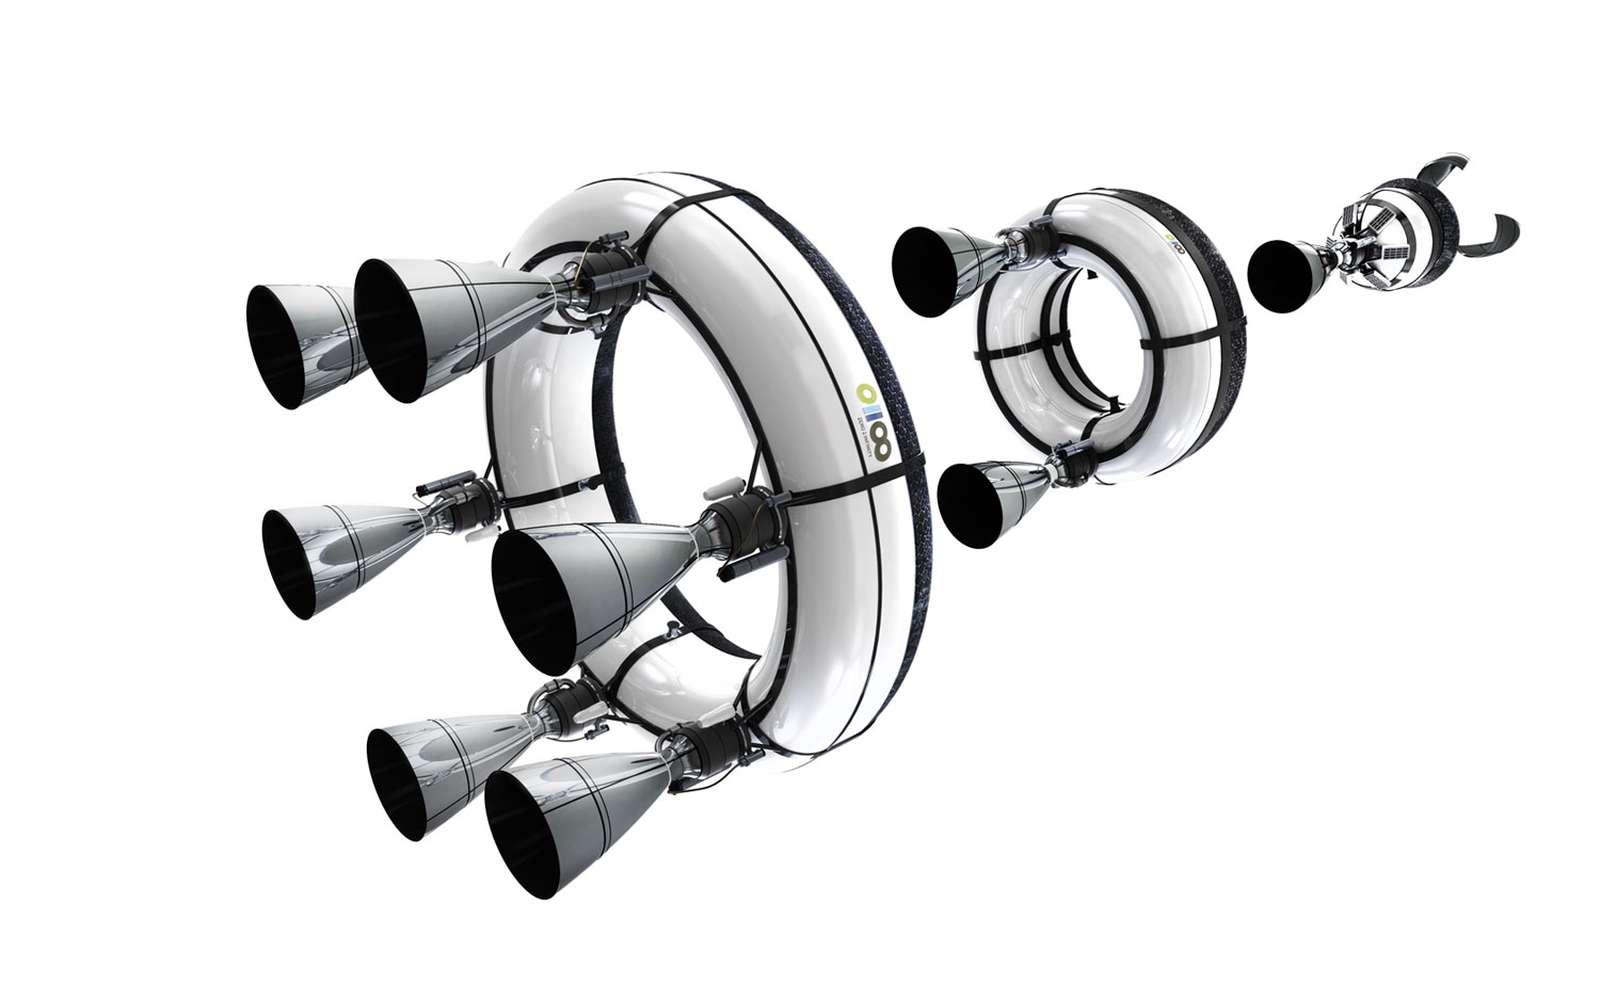 Le lanceur Bloostar et ses trois étages totalisant neuf moteurs identiques. © Zero2infinity